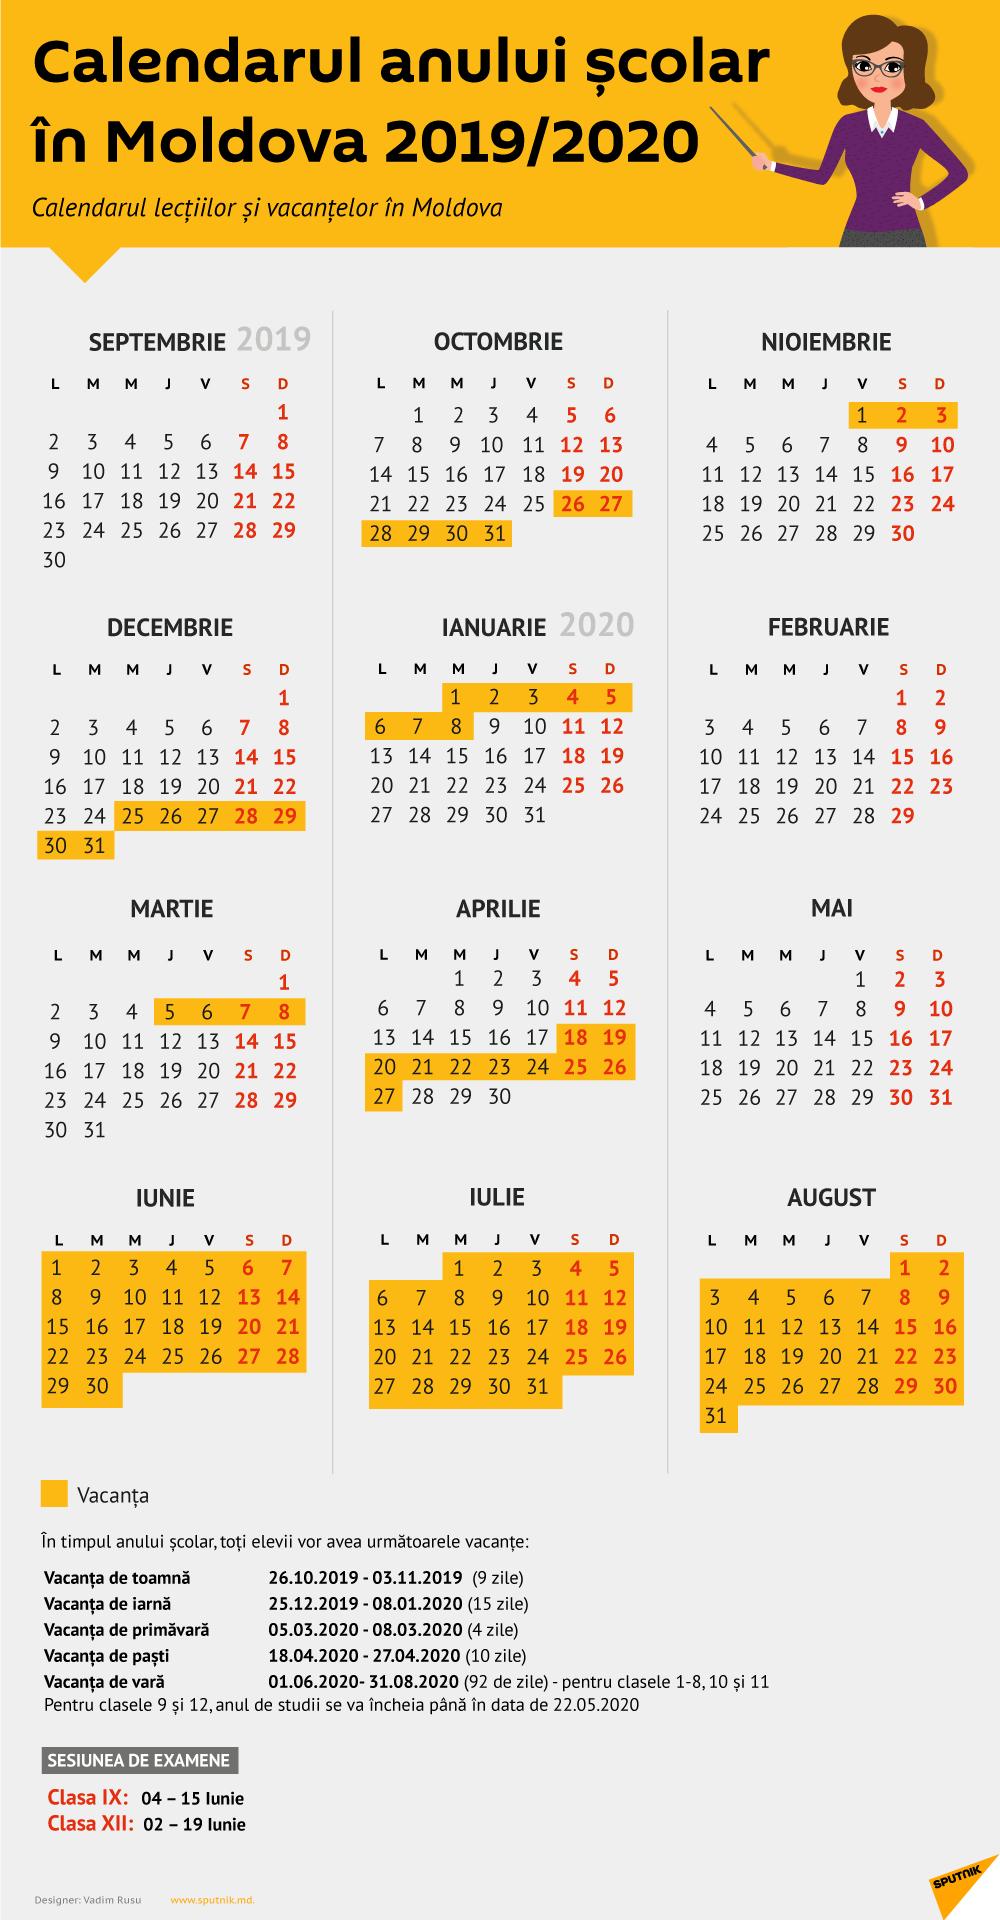 Structura Anului Școlar 2019 Și 2020  Calendar Moldova in Calendar Martie 2020